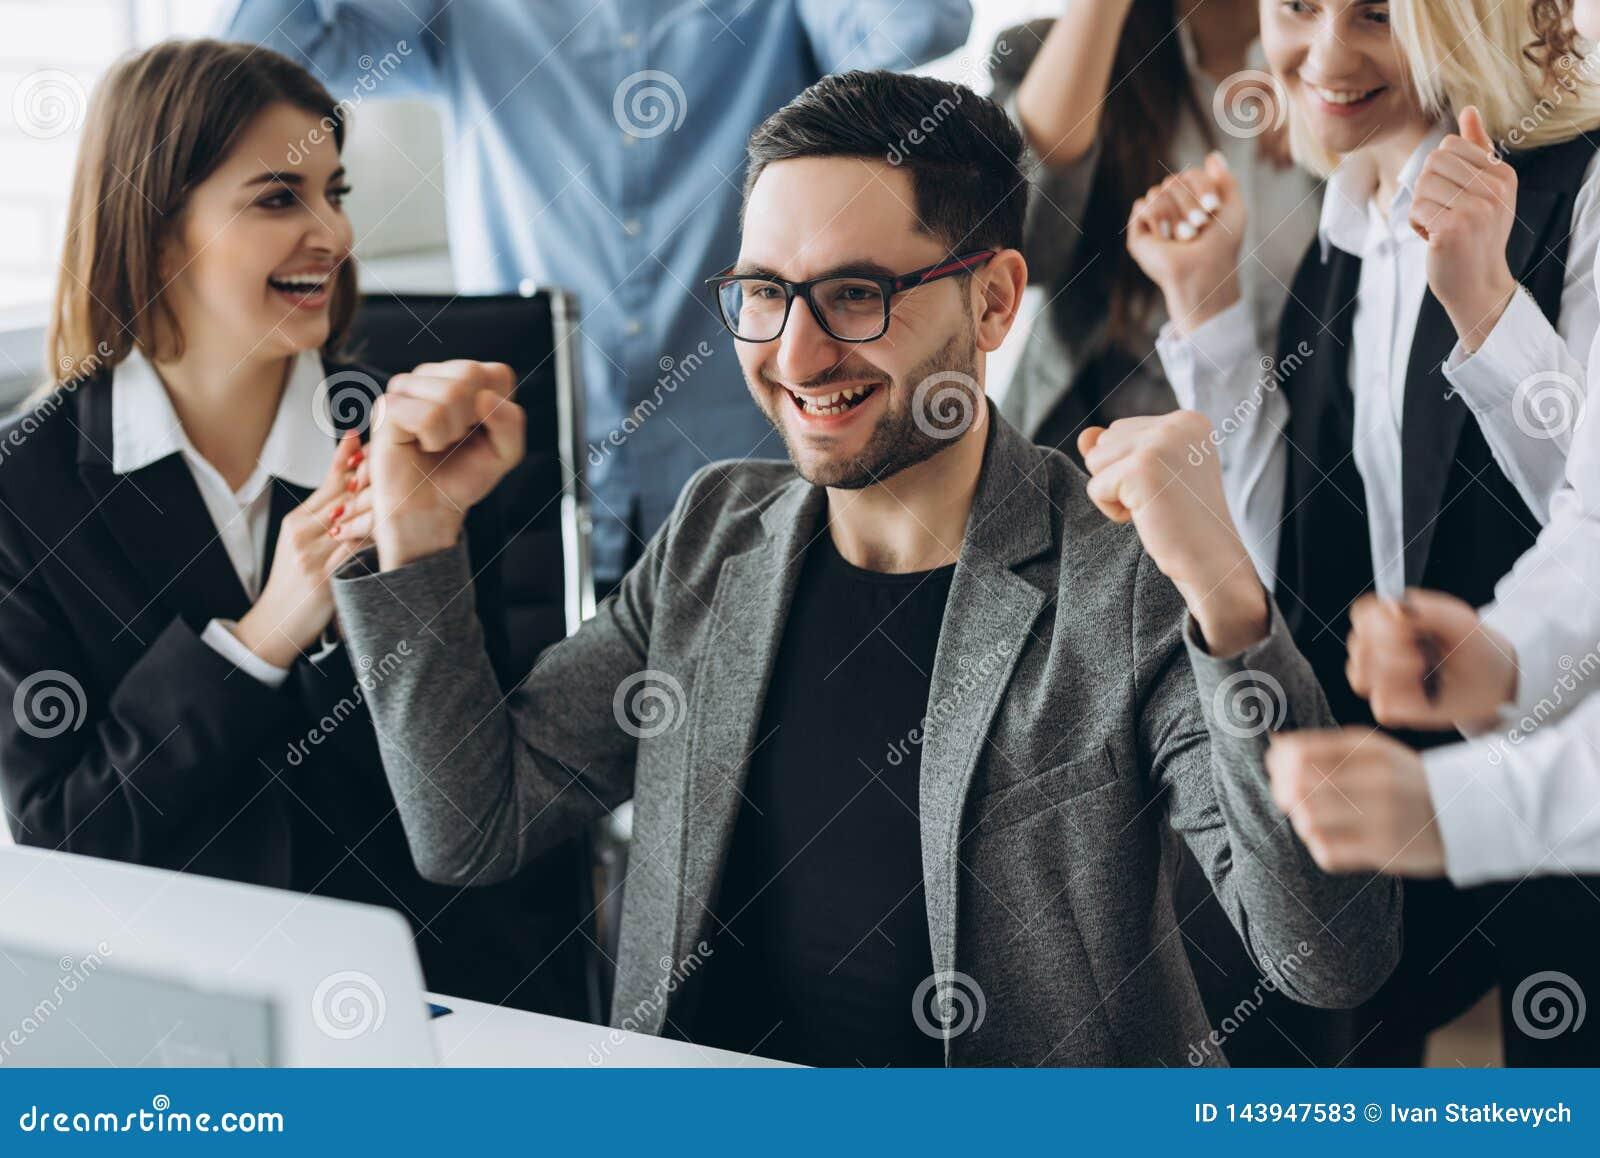 El hombre de negocios feliz joven con logros realmente impresionantes, danza de la victoria, compa??a de r?pido crecimiento, reco